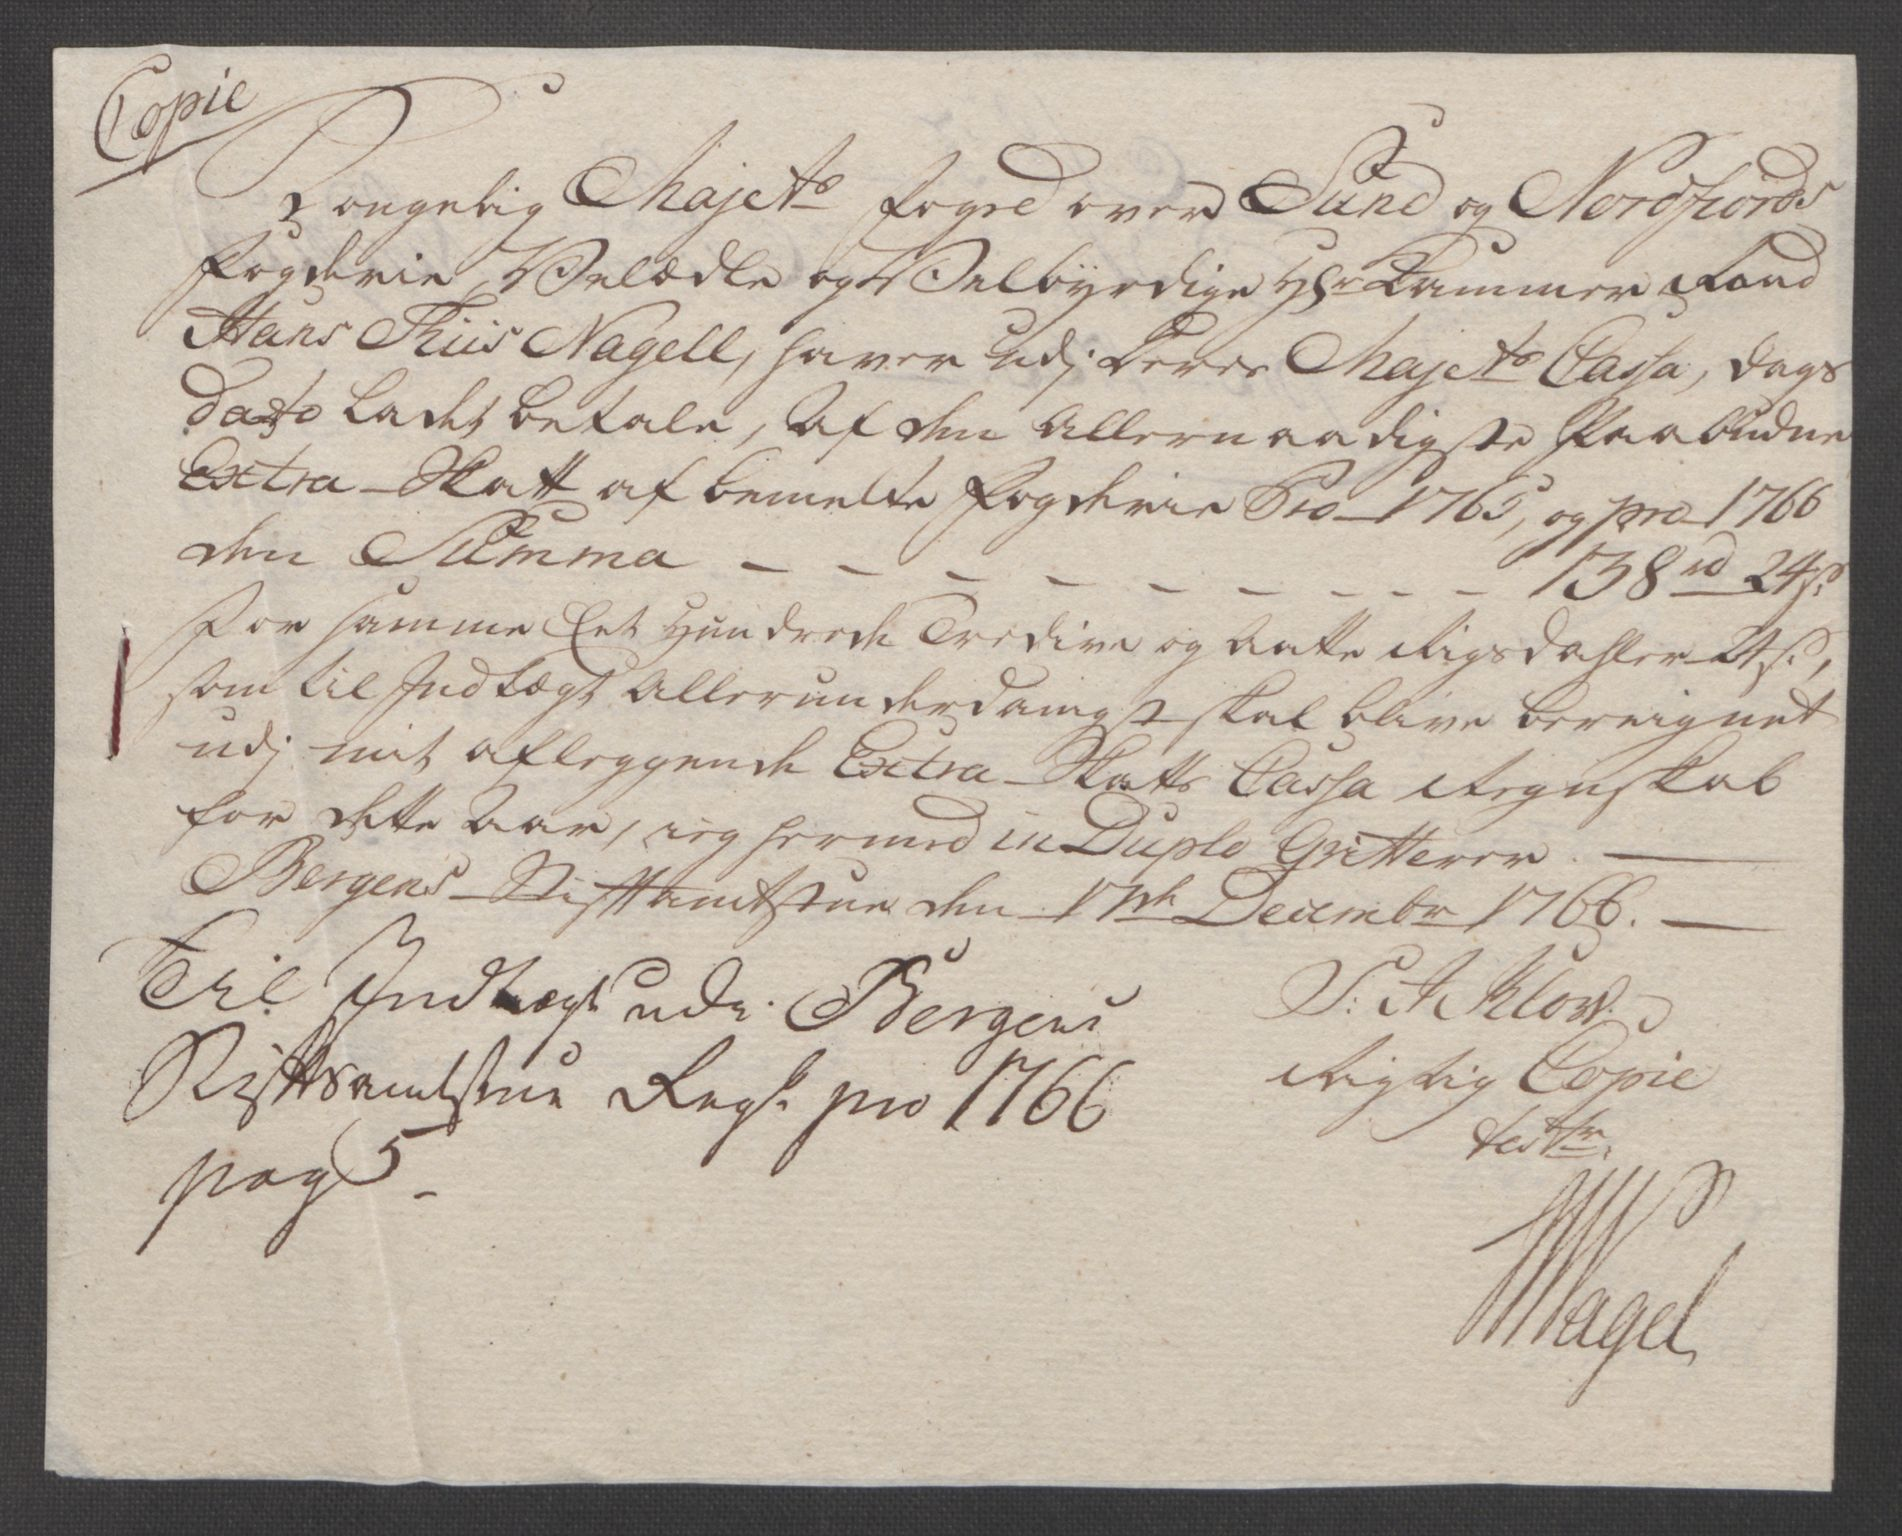 RA, Rentekammeret inntil 1814, Reviderte regnskaper, Fogderegnskap, R53/L3550: Ekstraskatten Sunn- og Nordfjord, 1762-1771, s. 174